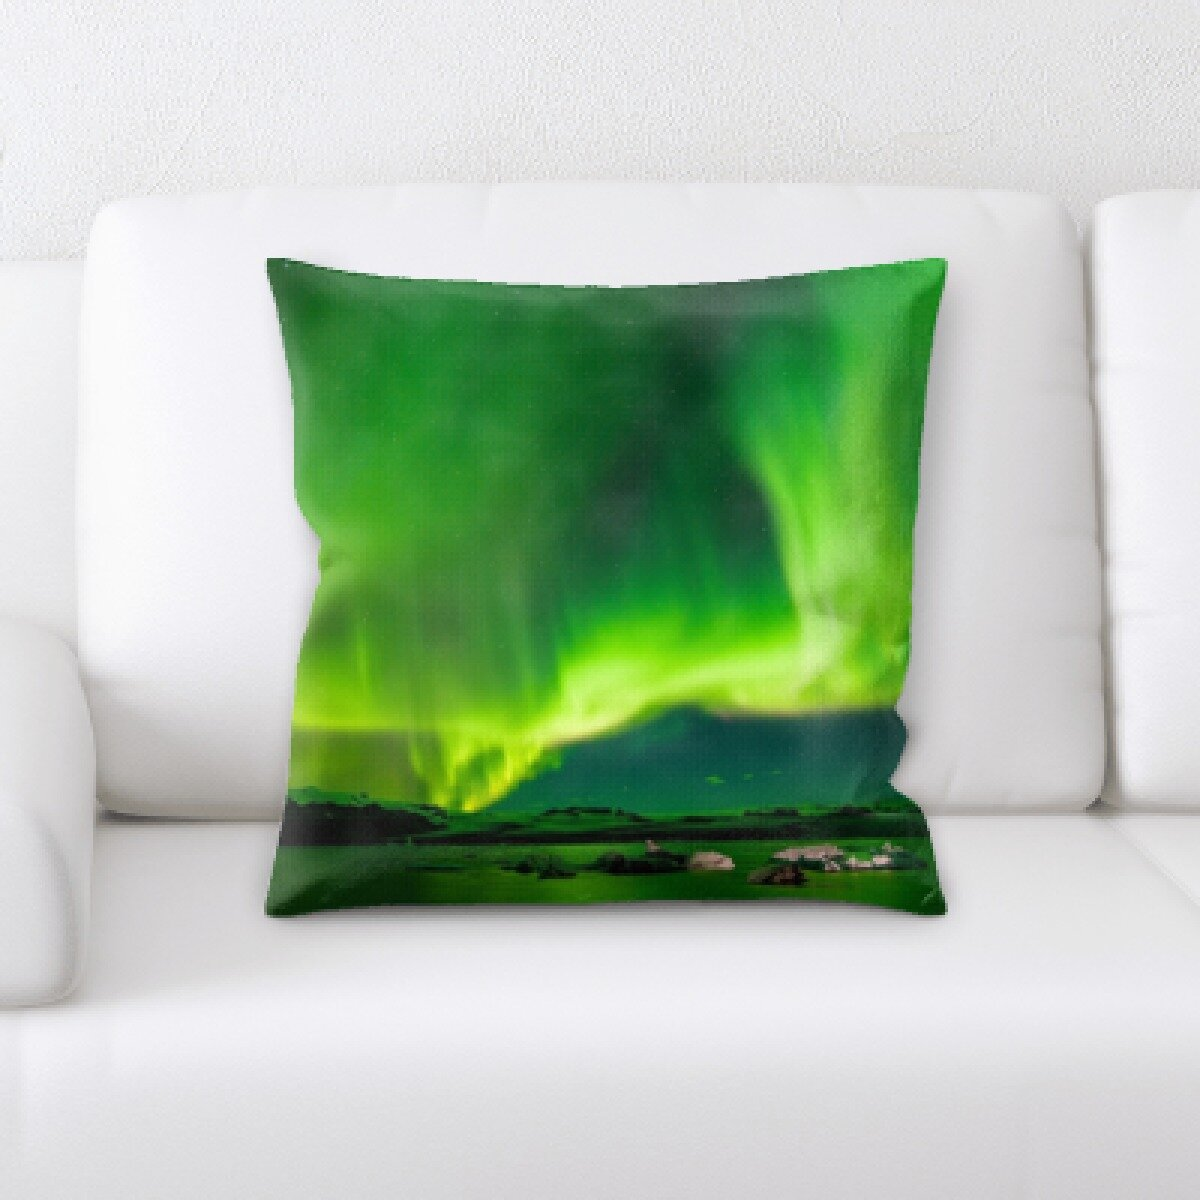 Ebern Designs Everette Throw Pillow Wayfair